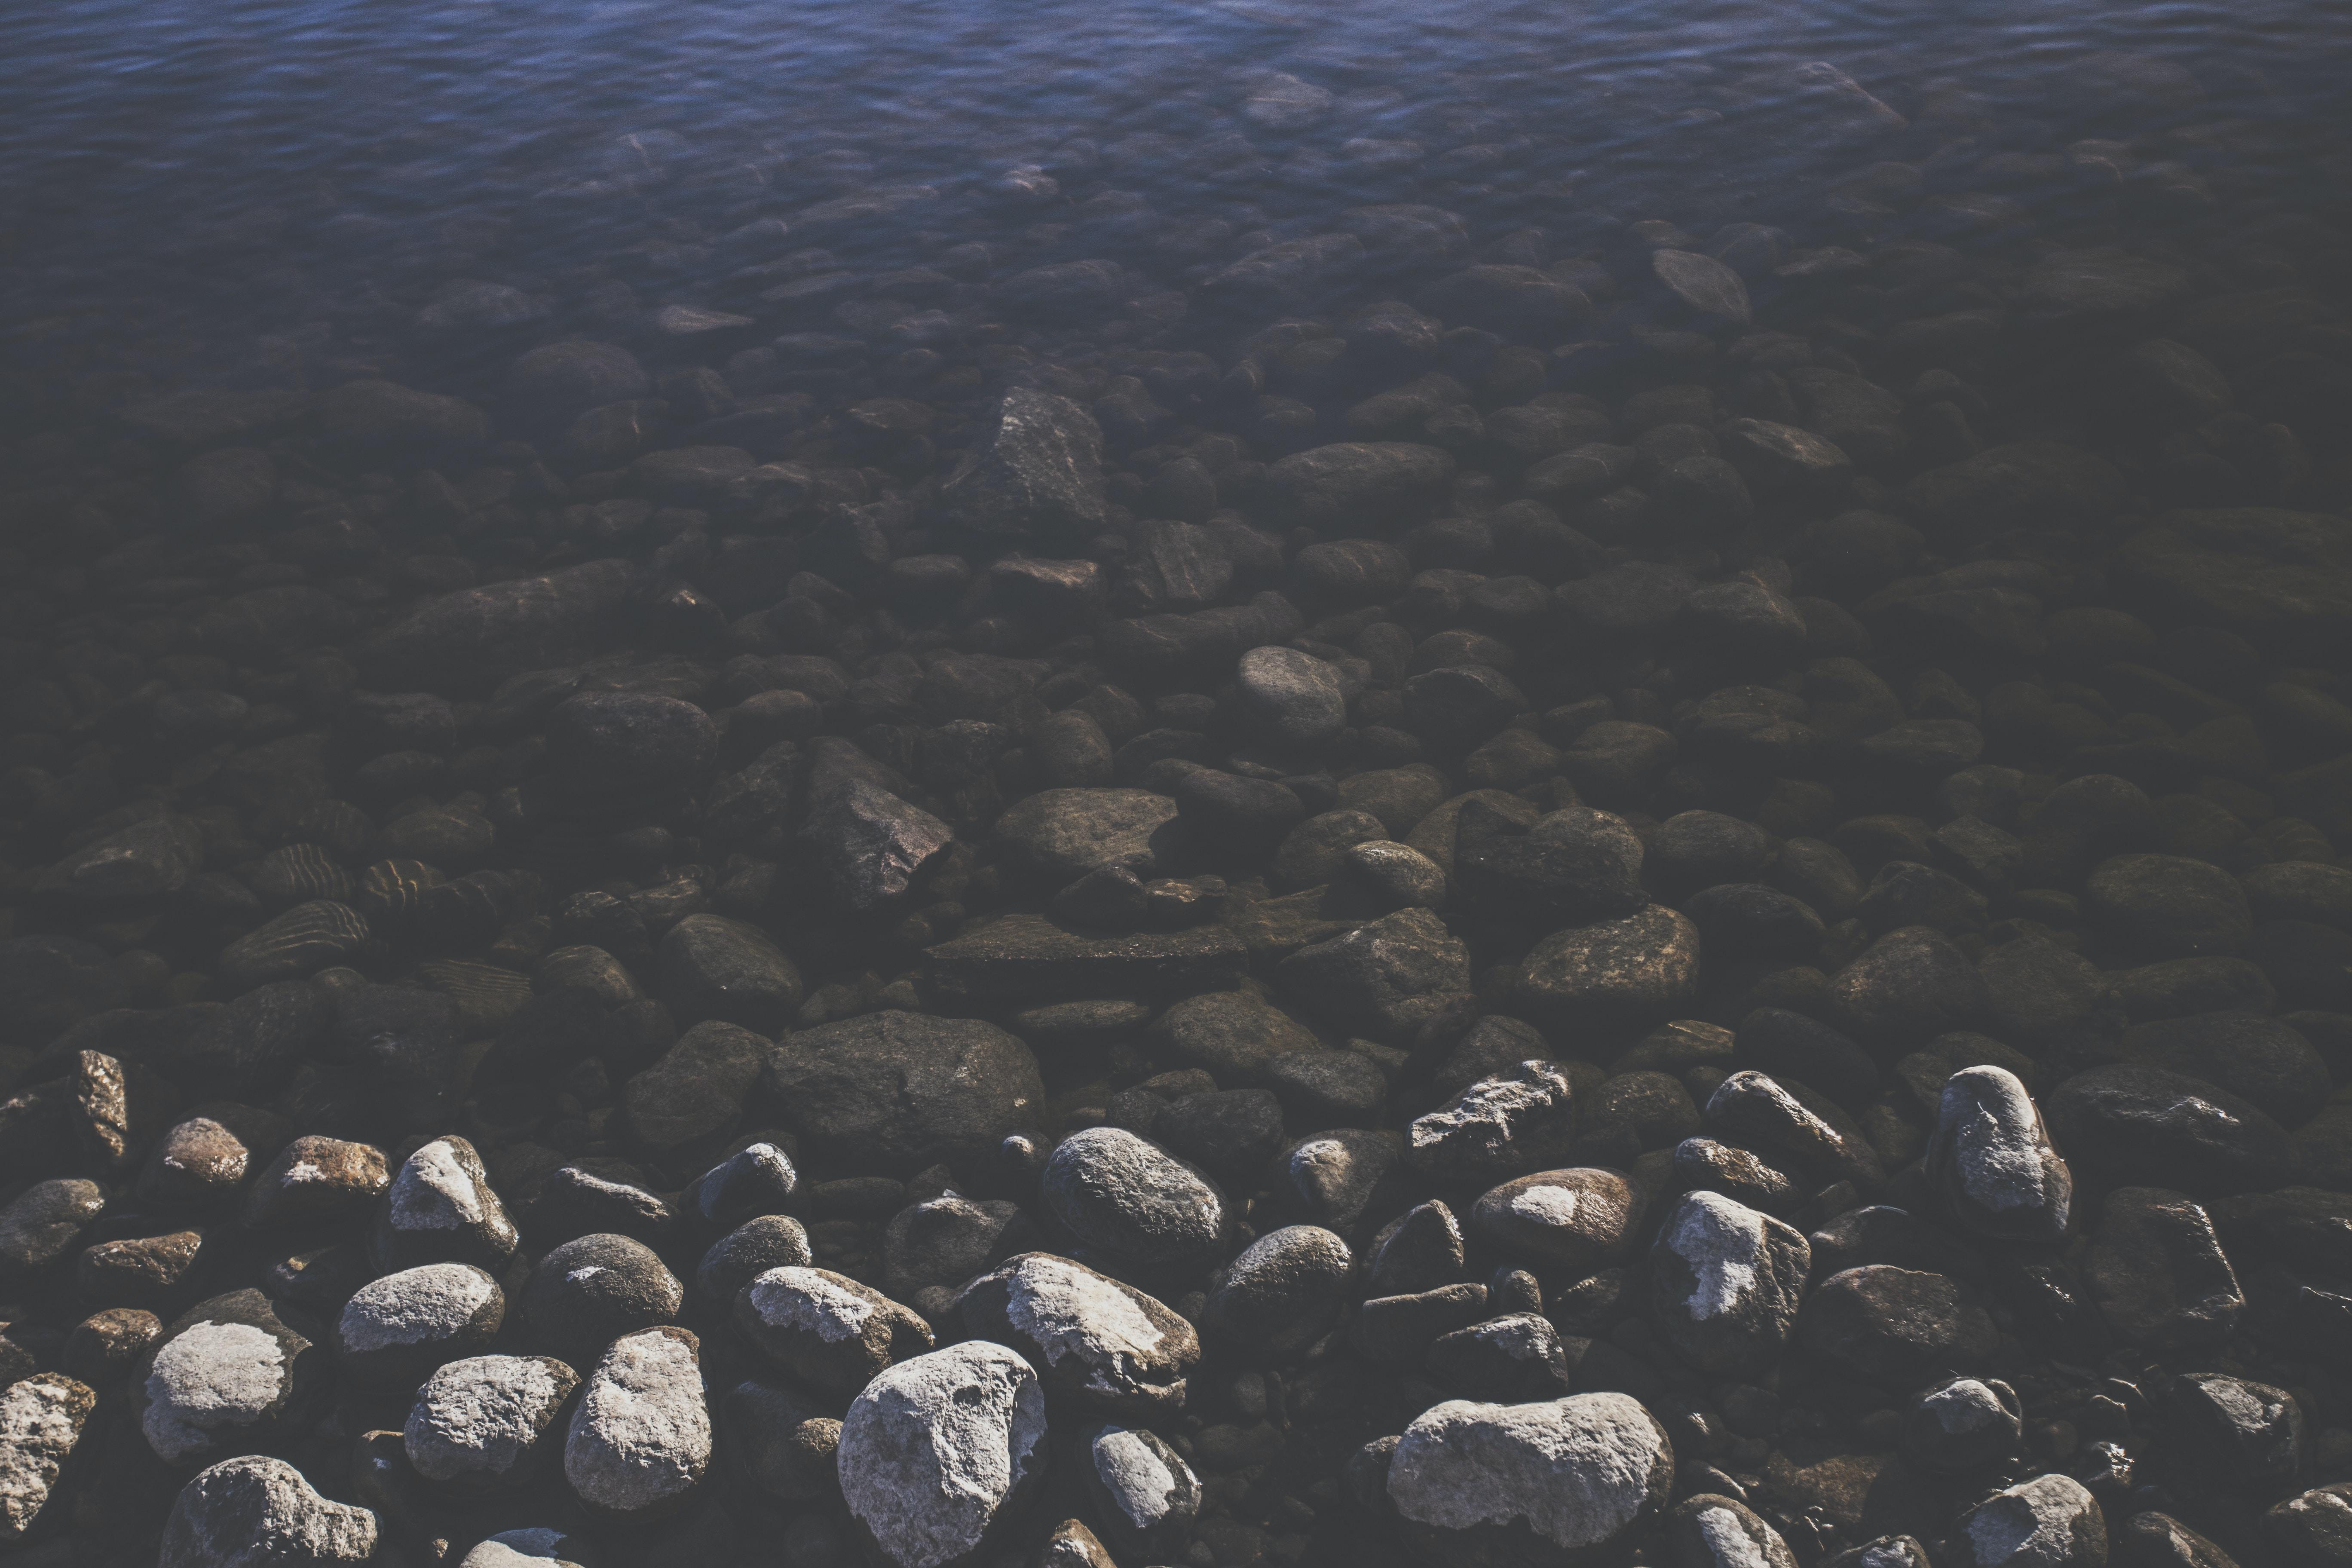 surface-level dreaming stranger stories